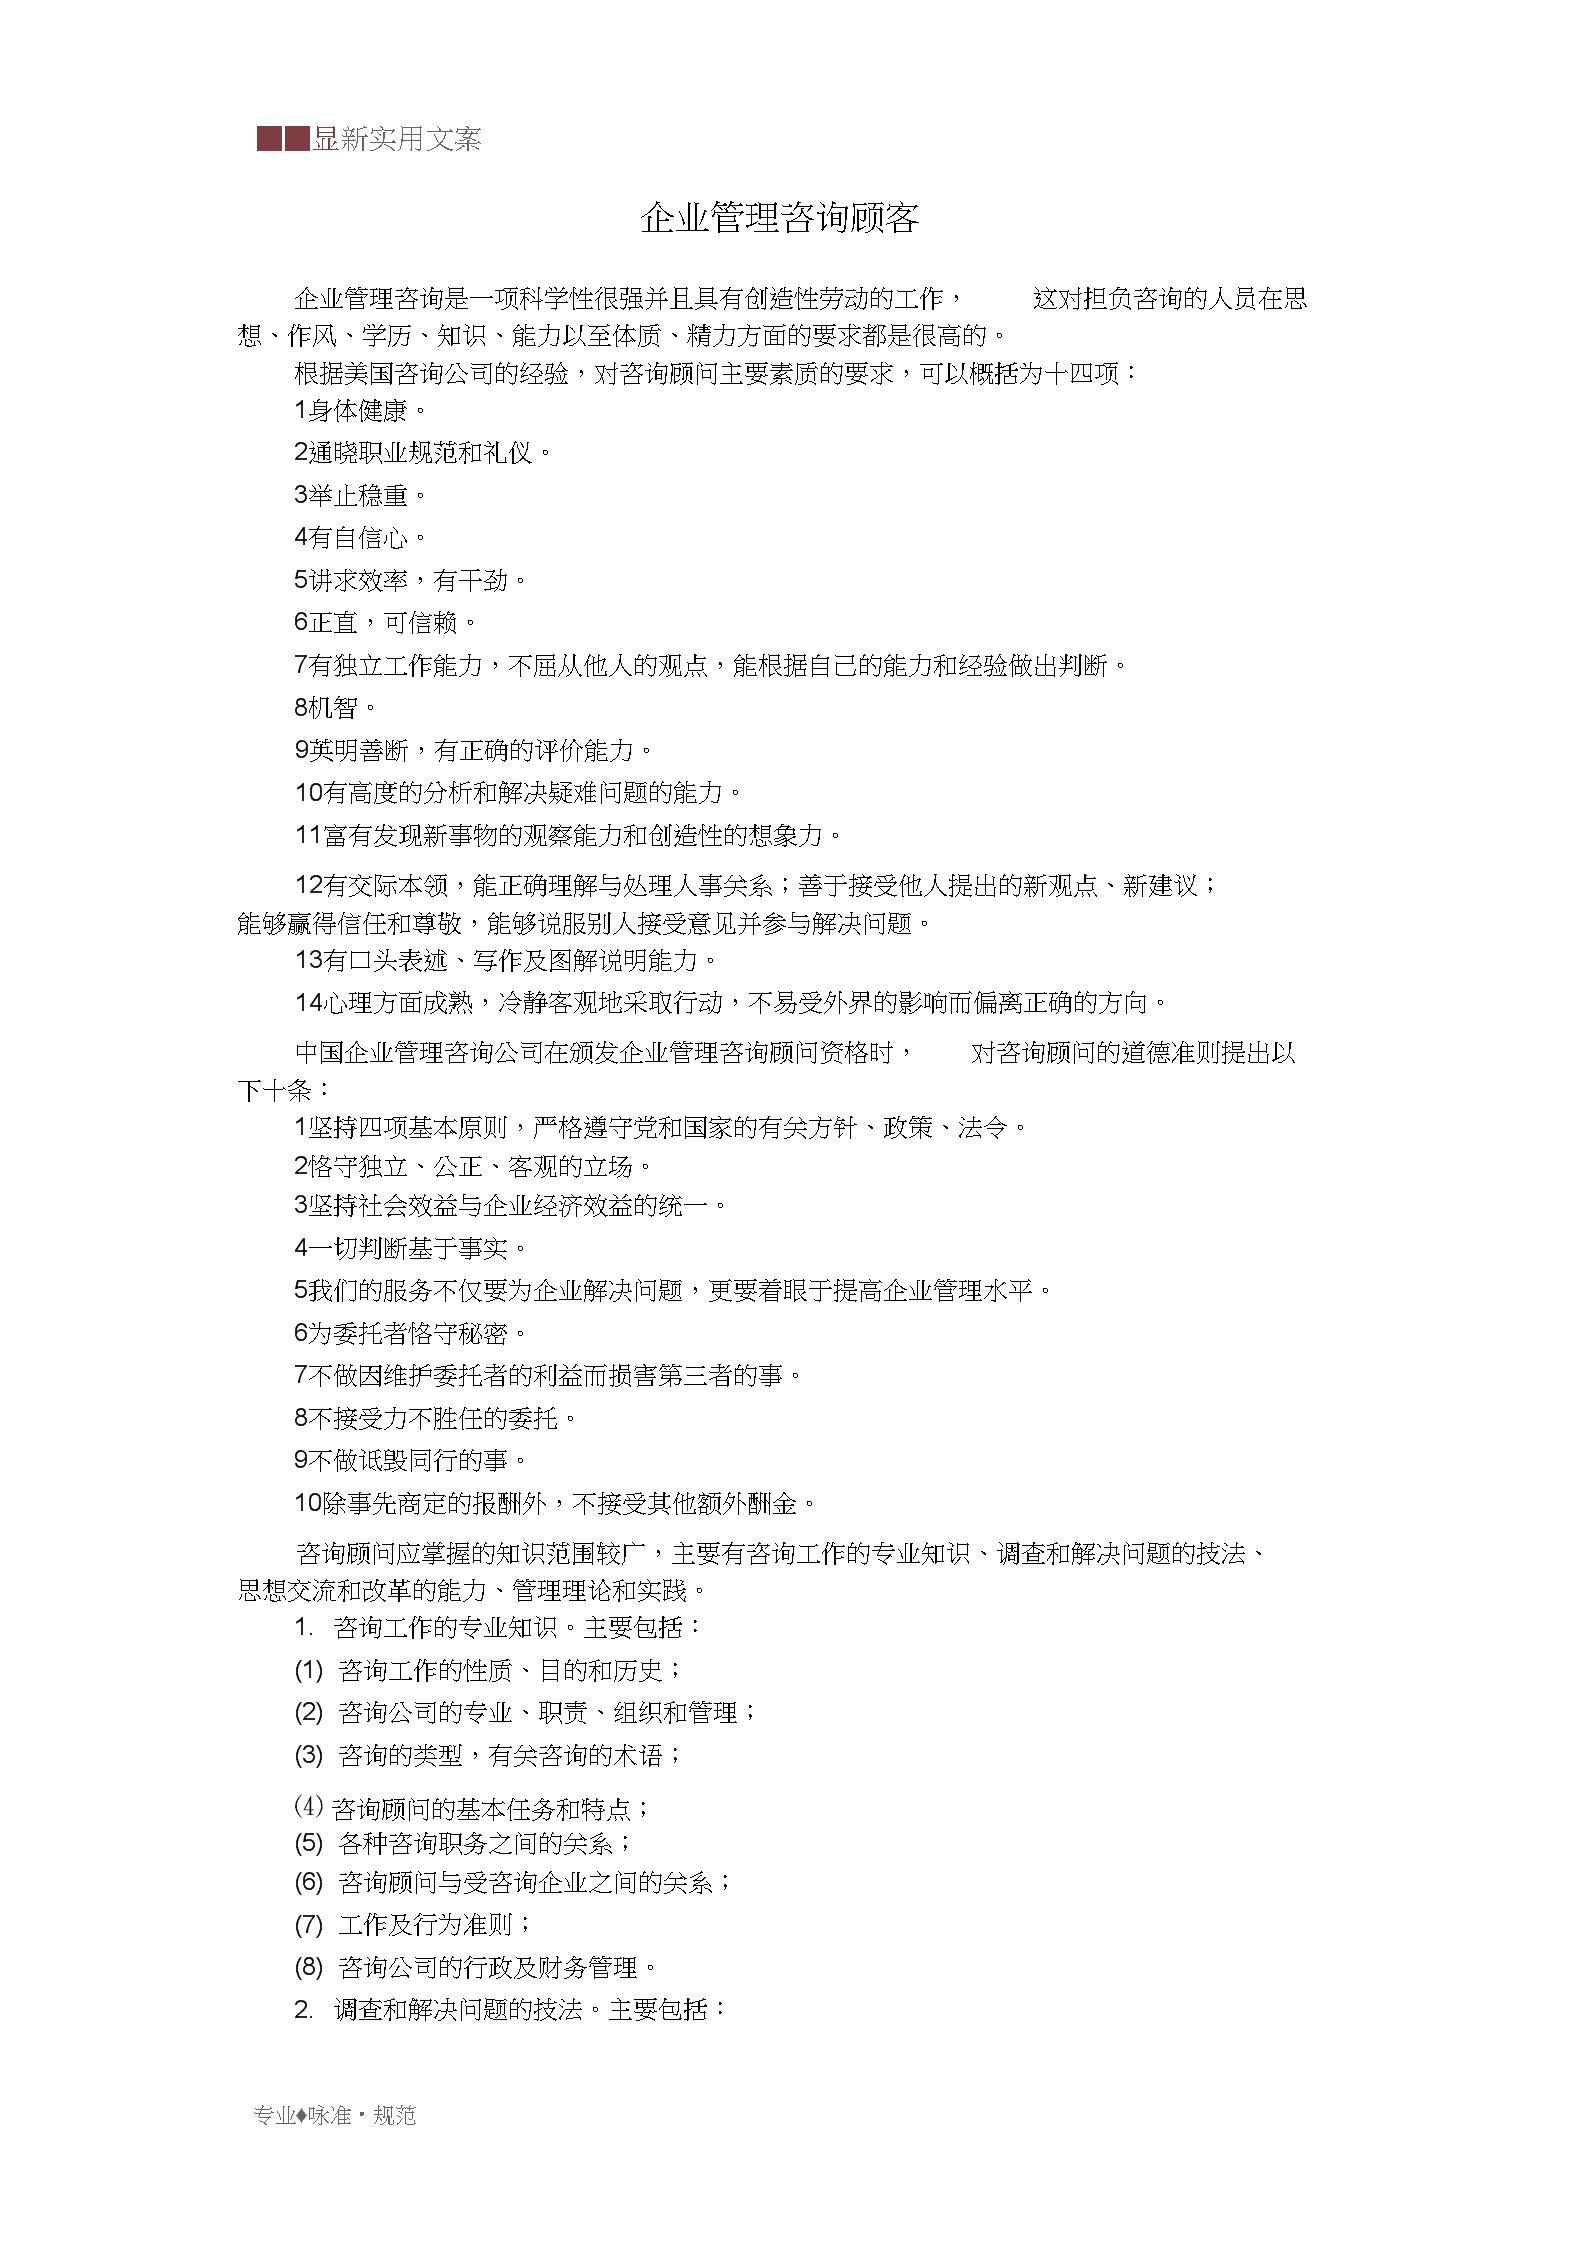 【企业管理】企业管理咨询顾客.docx